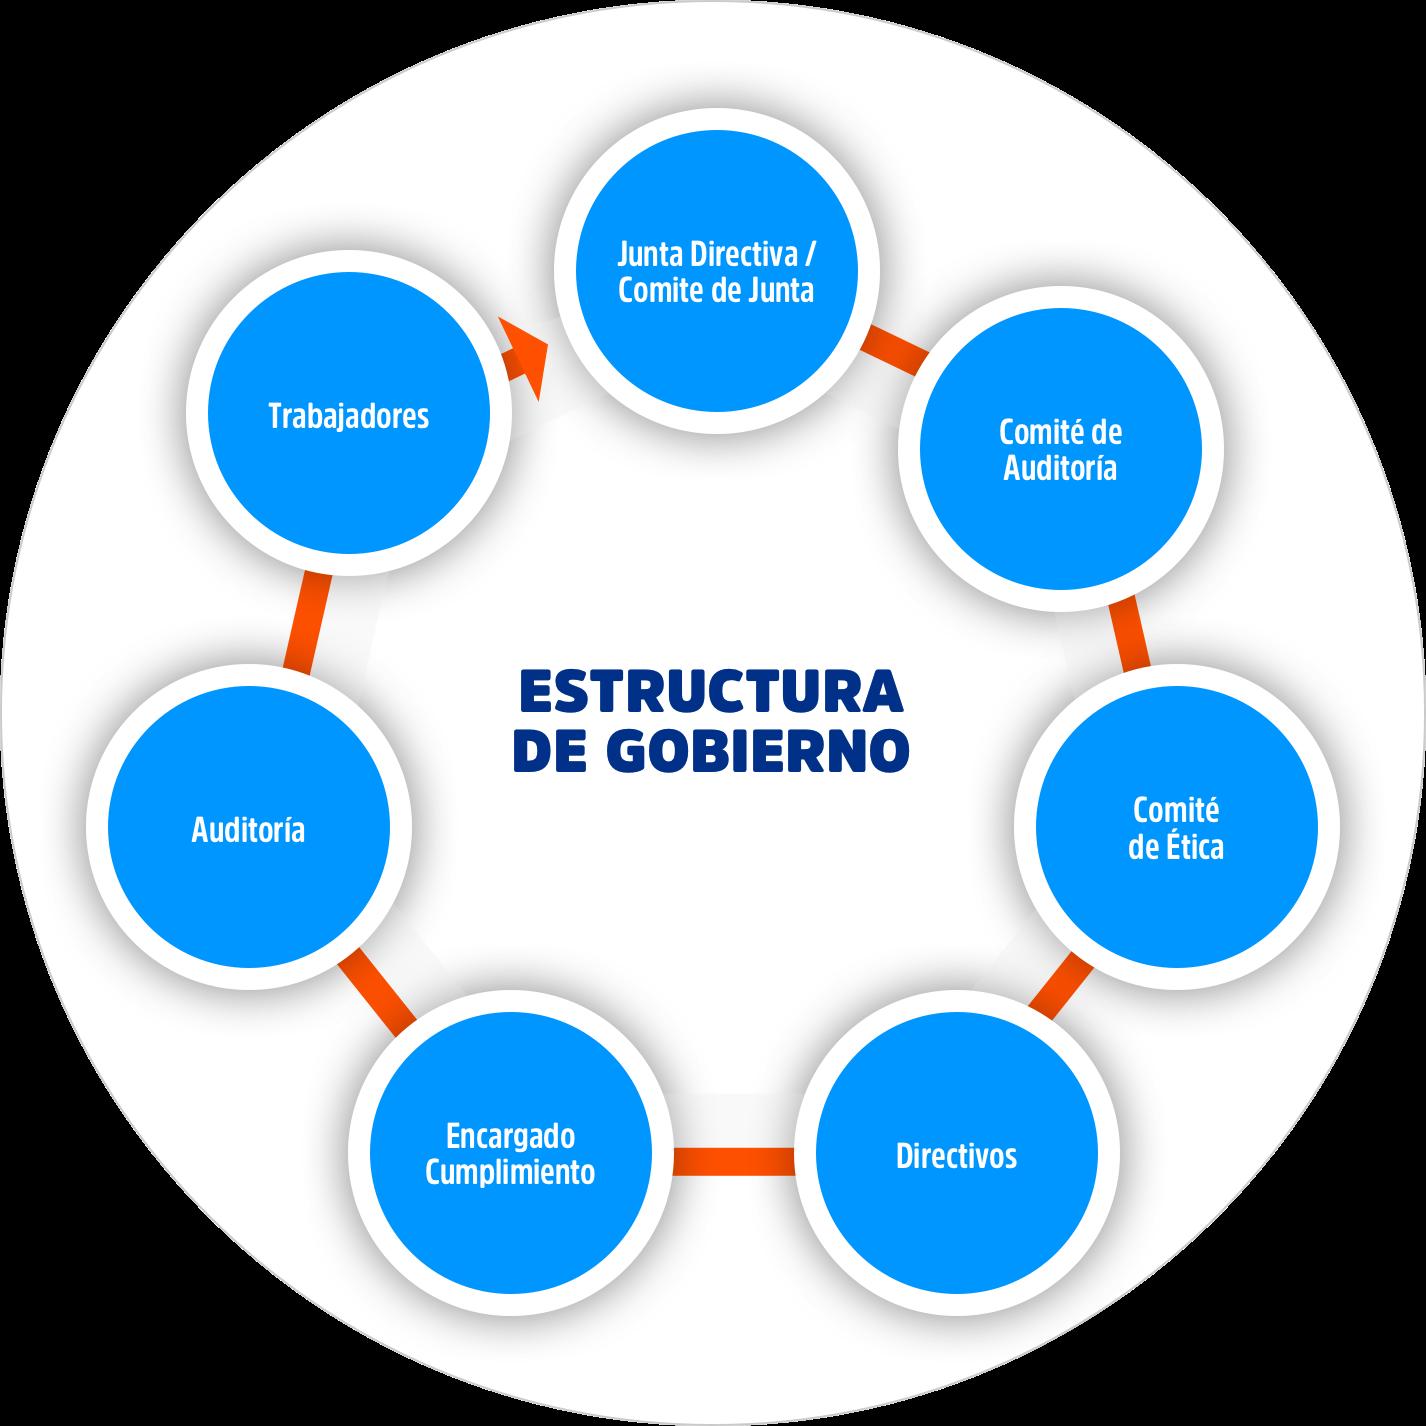 Estructura de gobierno